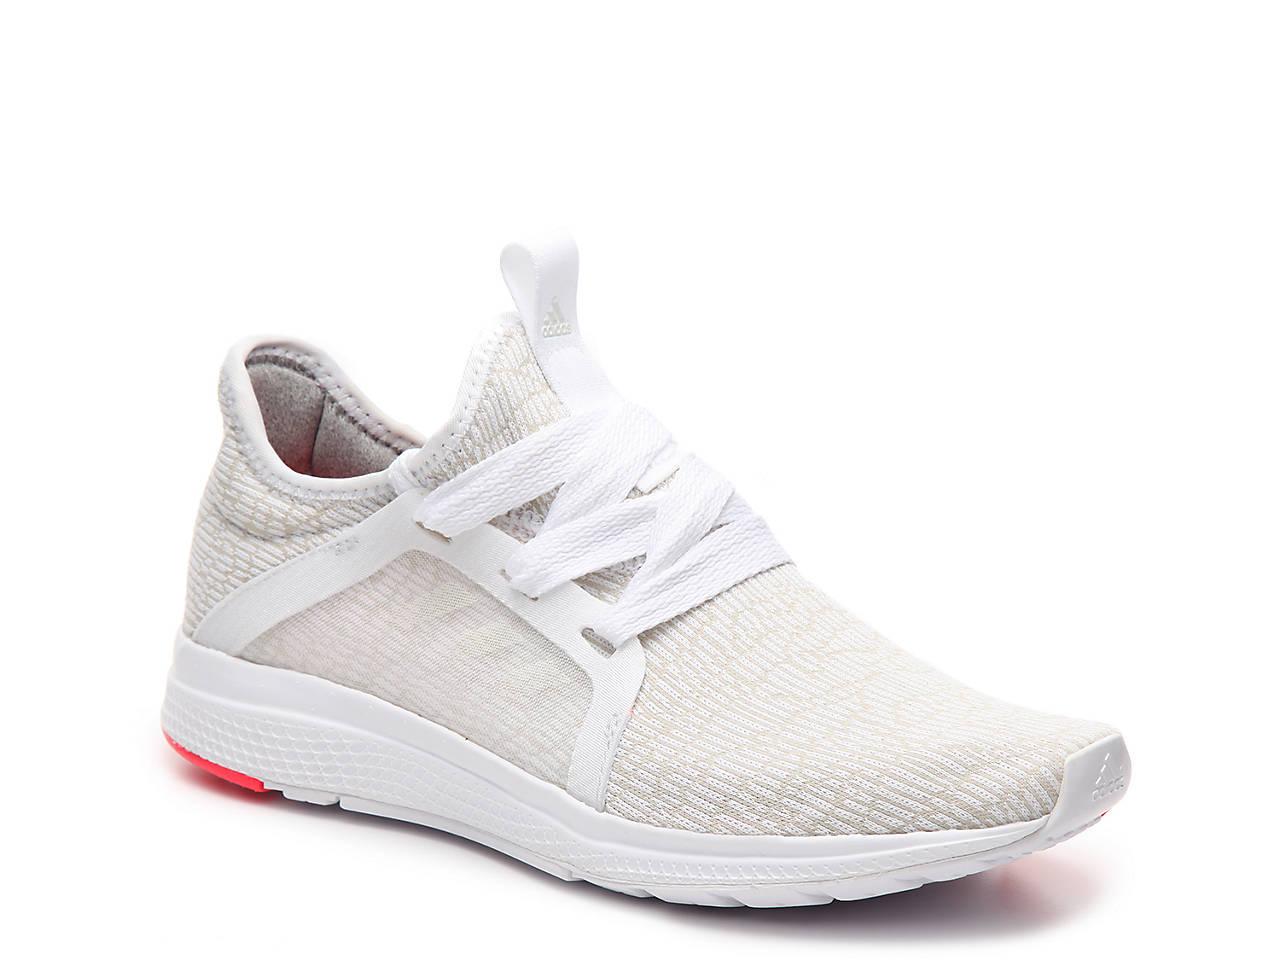 adidas Edge Bounce Lightweight Running Shoe - Women's